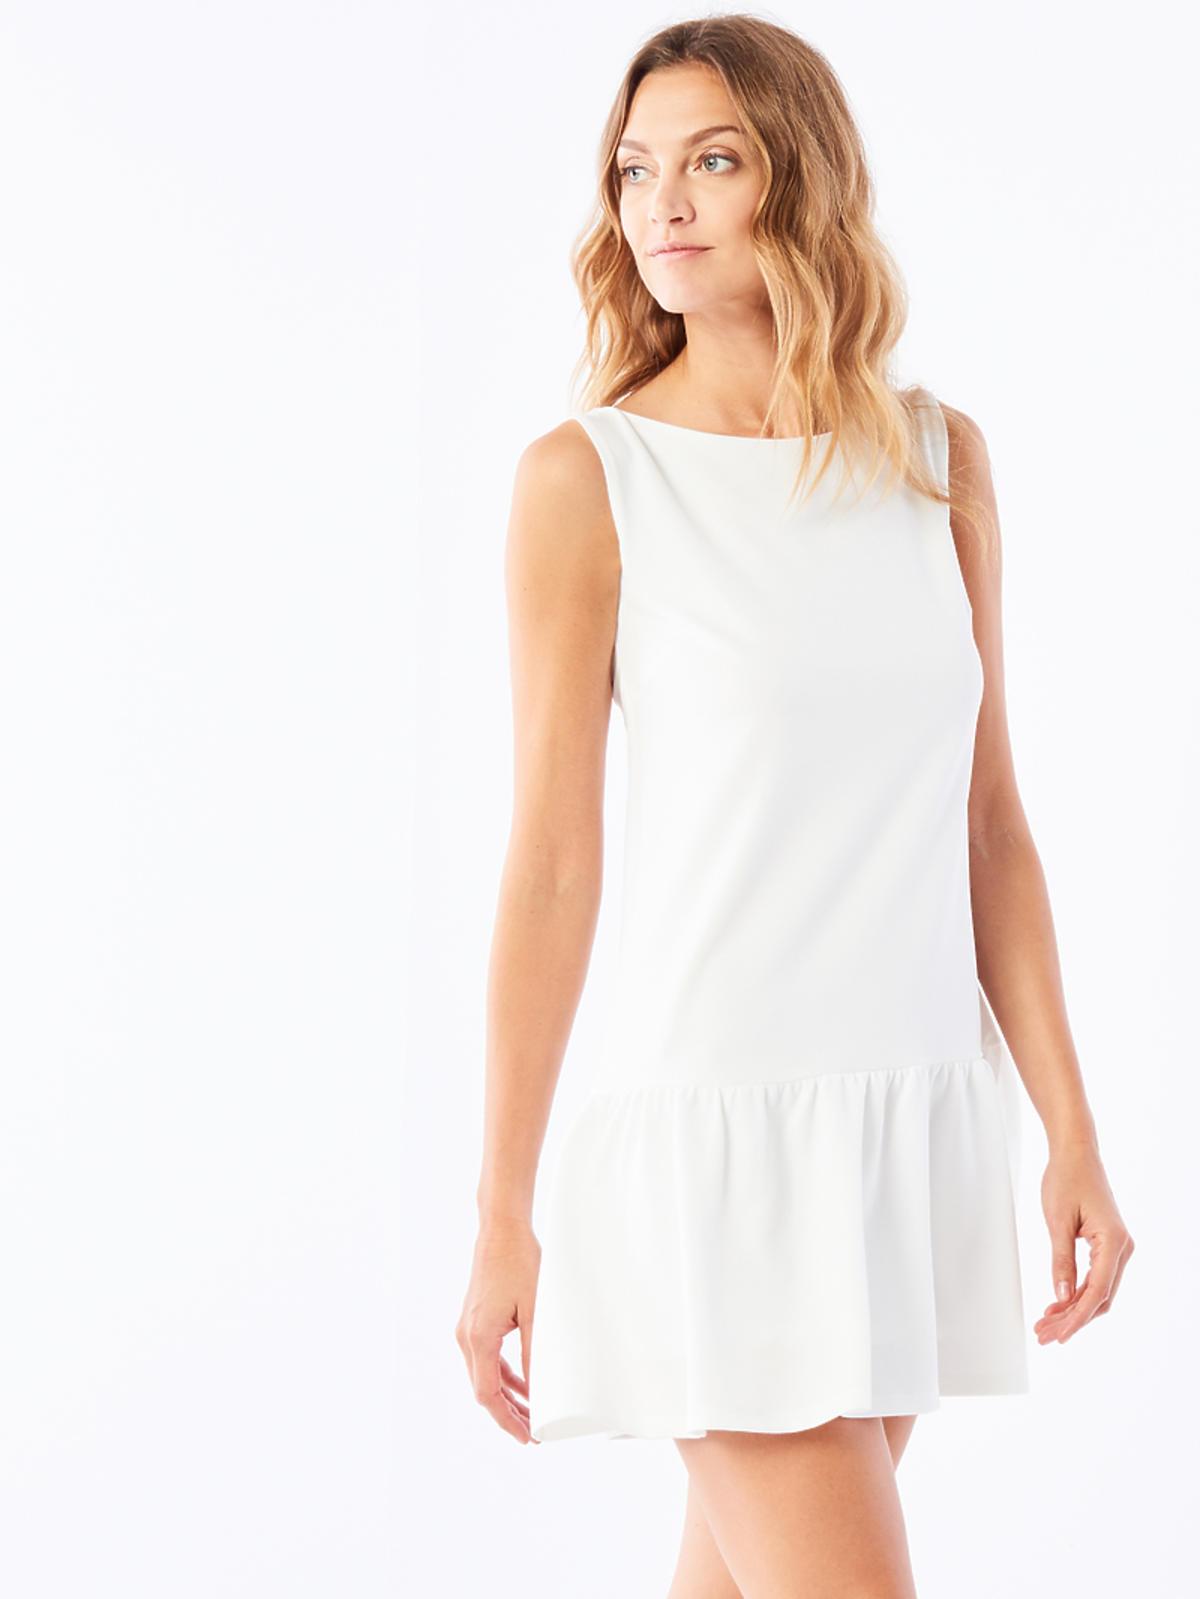 Biała sukienka z falbaną, Orsay, przeceniona z 99,00 zł na 79,90 zł